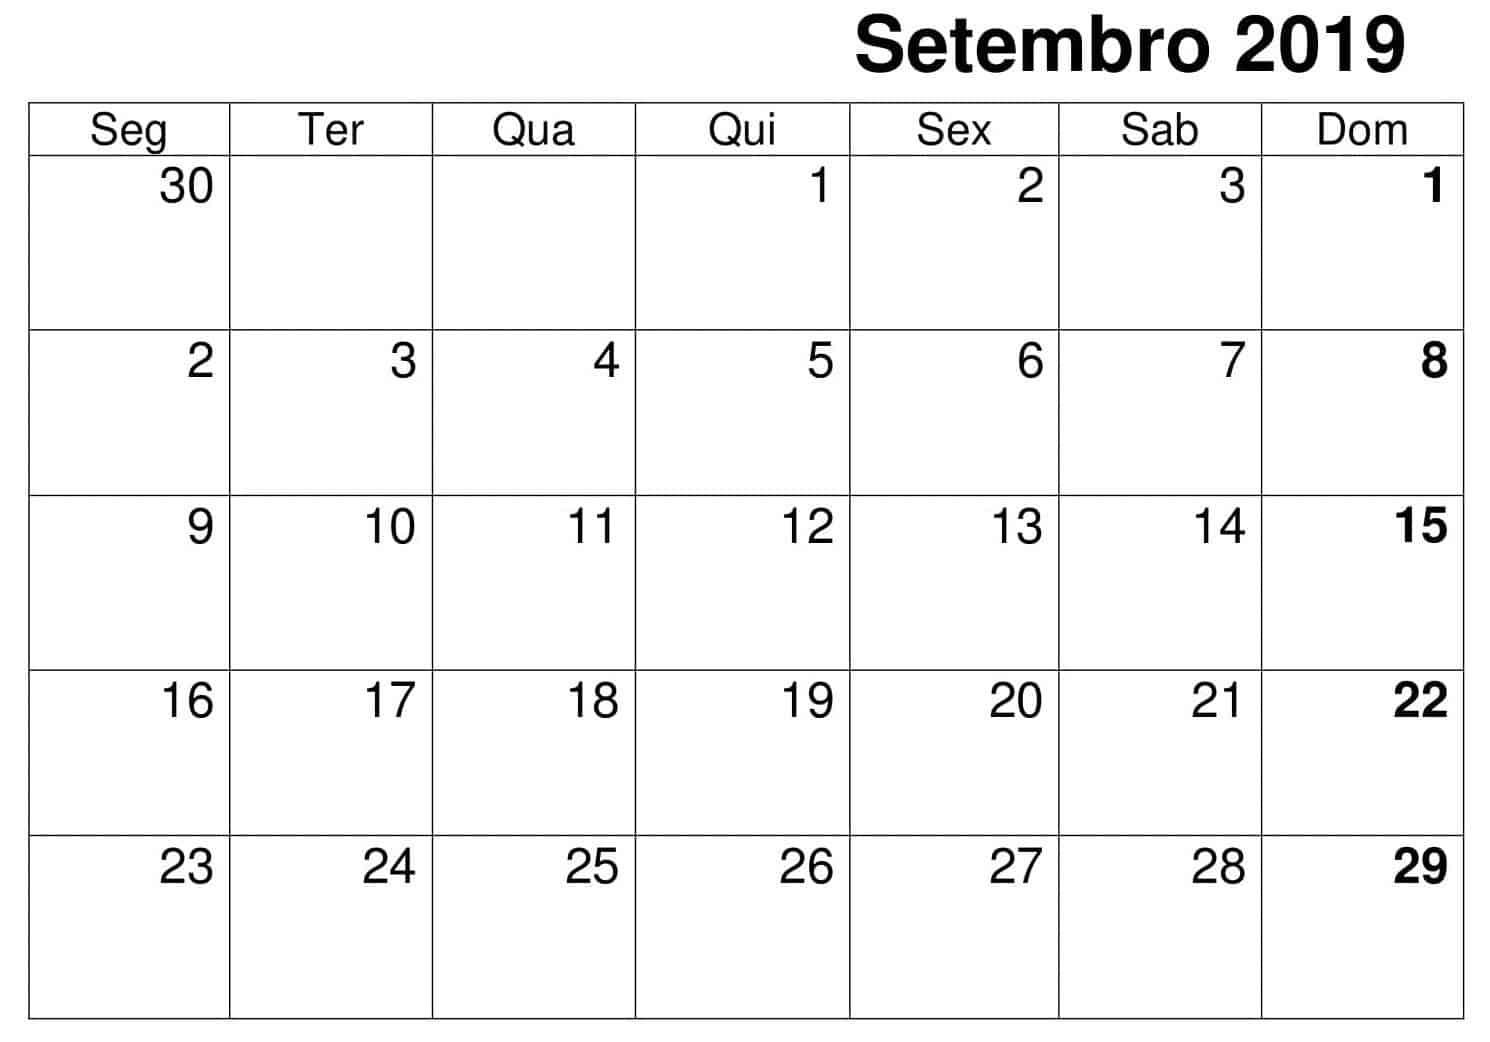 Calendario De Agosto 2019 Chile.Calendario Setembro 2019 Download De Imagens Nosovia Com